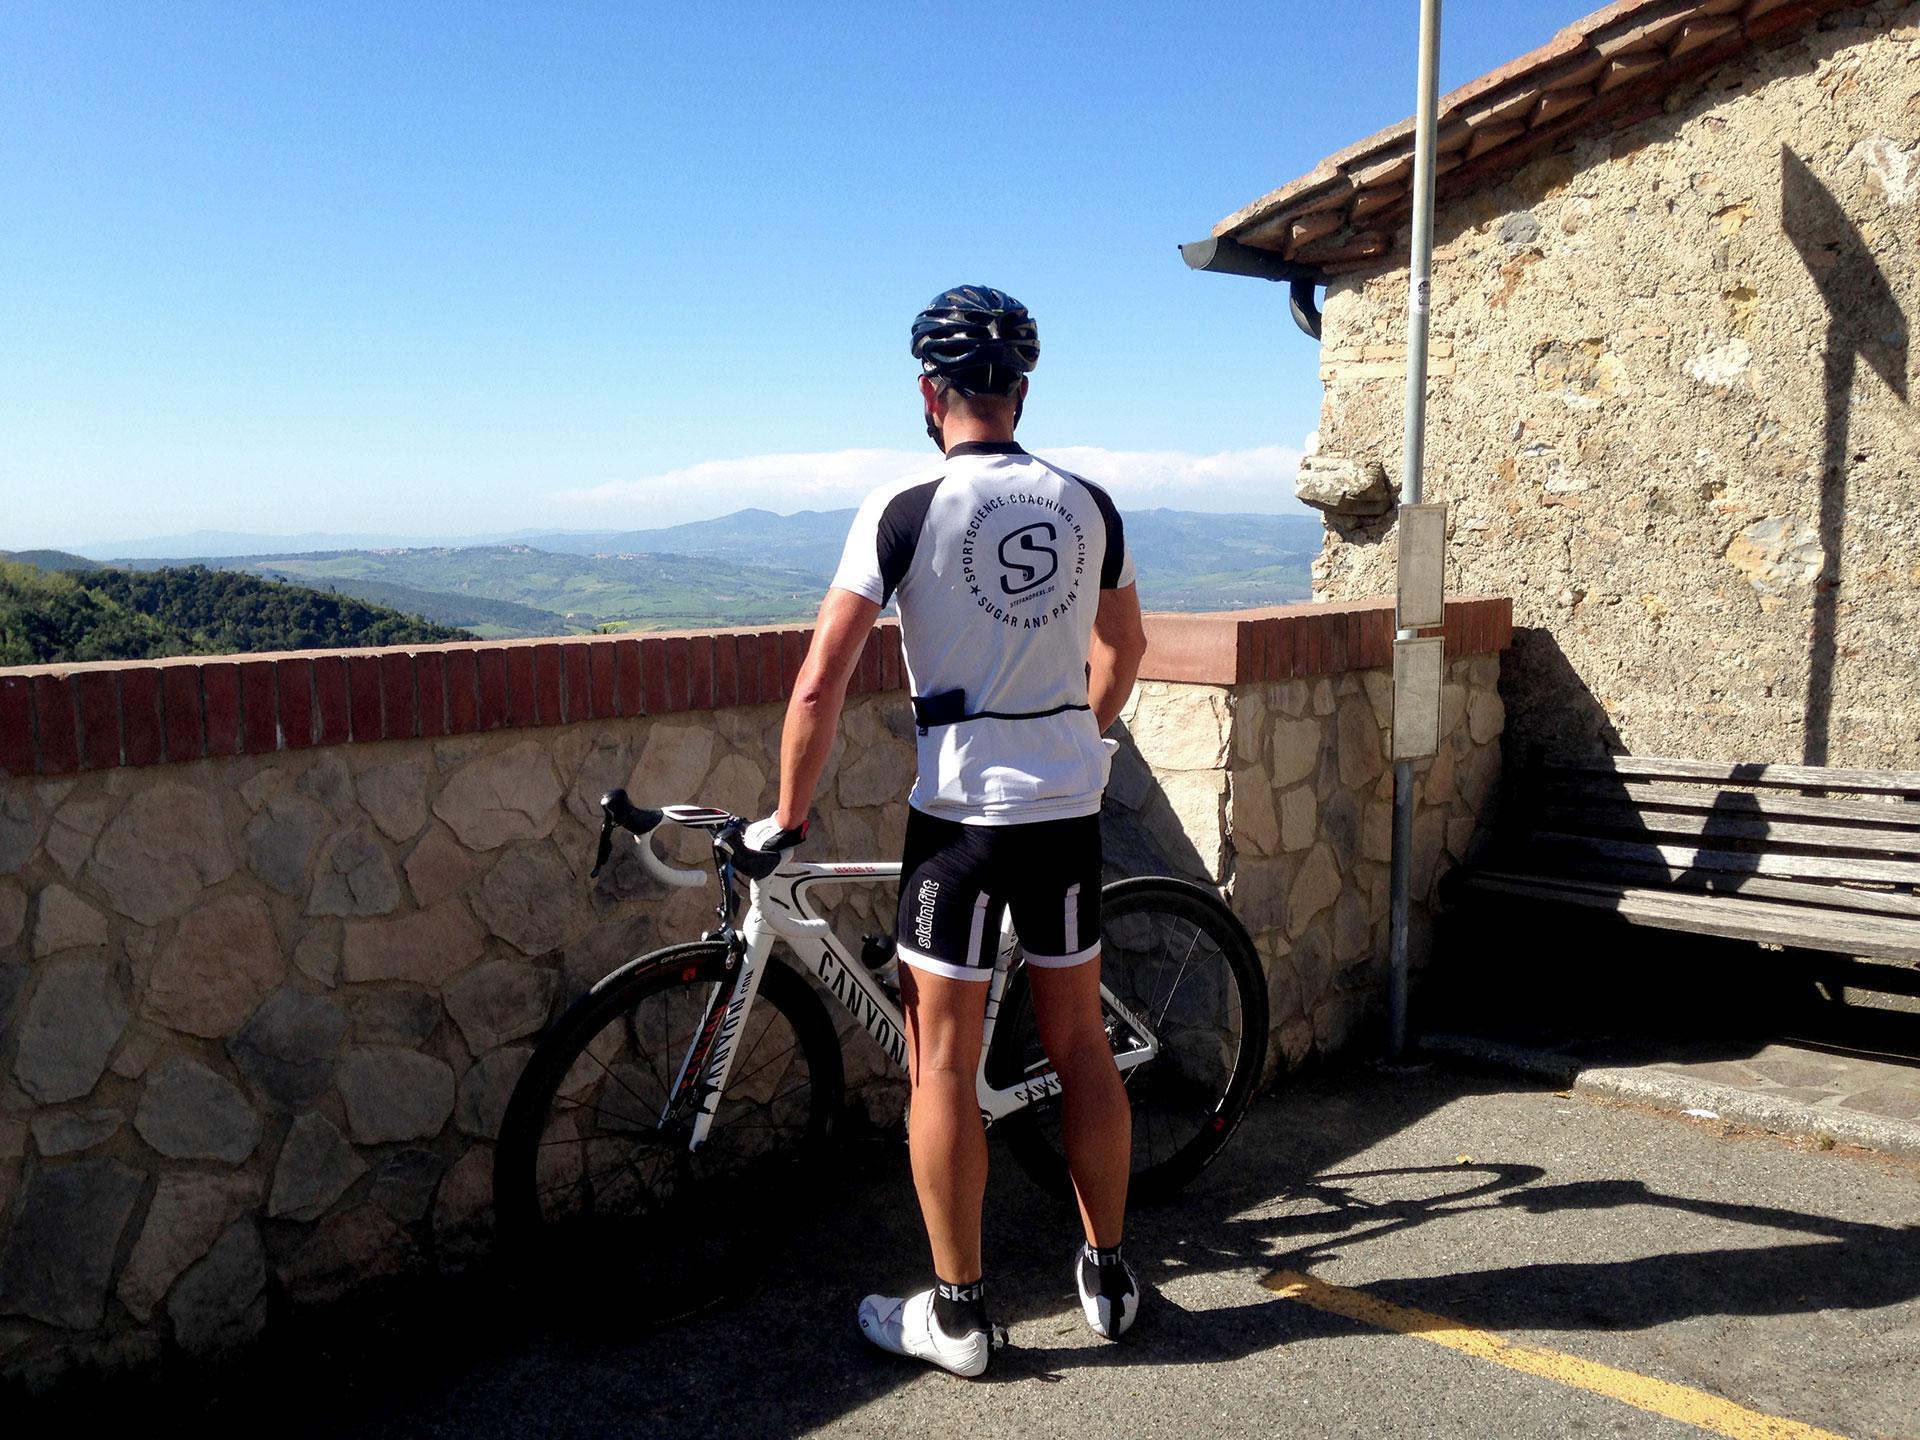 IRONMAN VICHY 2017 The Making of an Ironman Triathlete / Prägende Schlüsselerleinheiten, waren die Kraftausdauertraining hinauf nach La Sassa: 5 km mit Ø 10% © Stefan Drexl